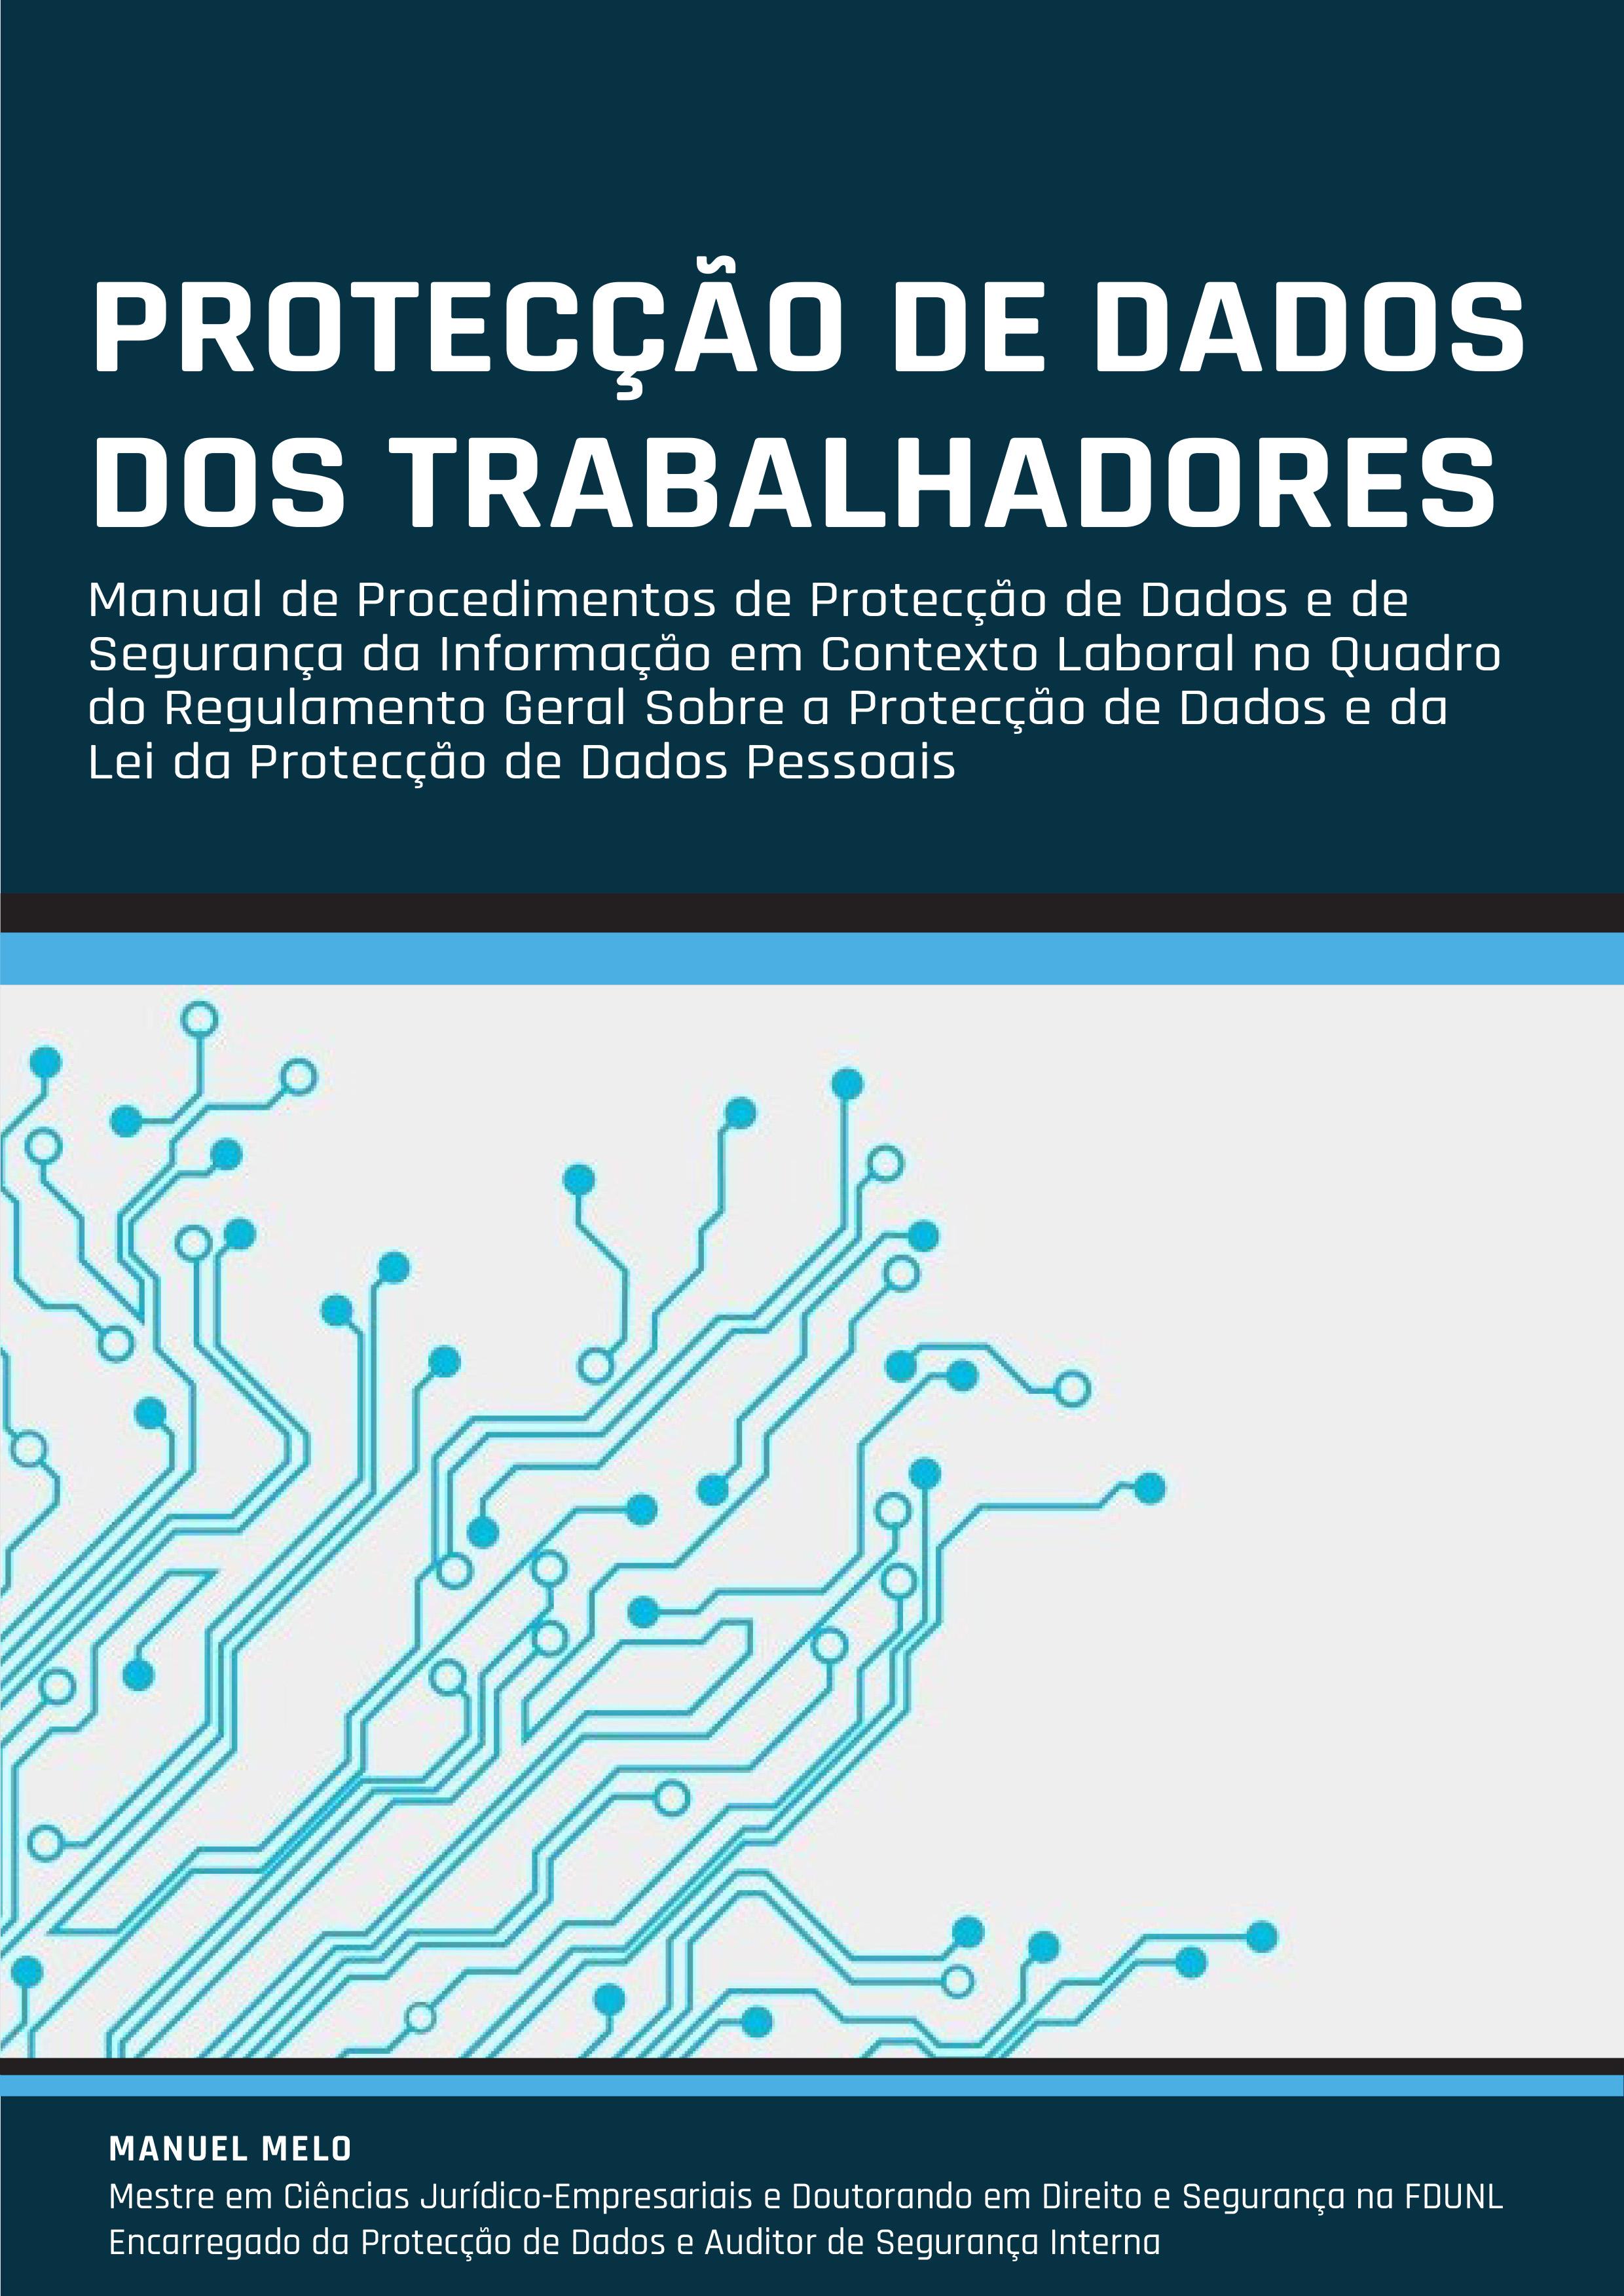 Manual de Protecção dos Dados em Contexto Laboral